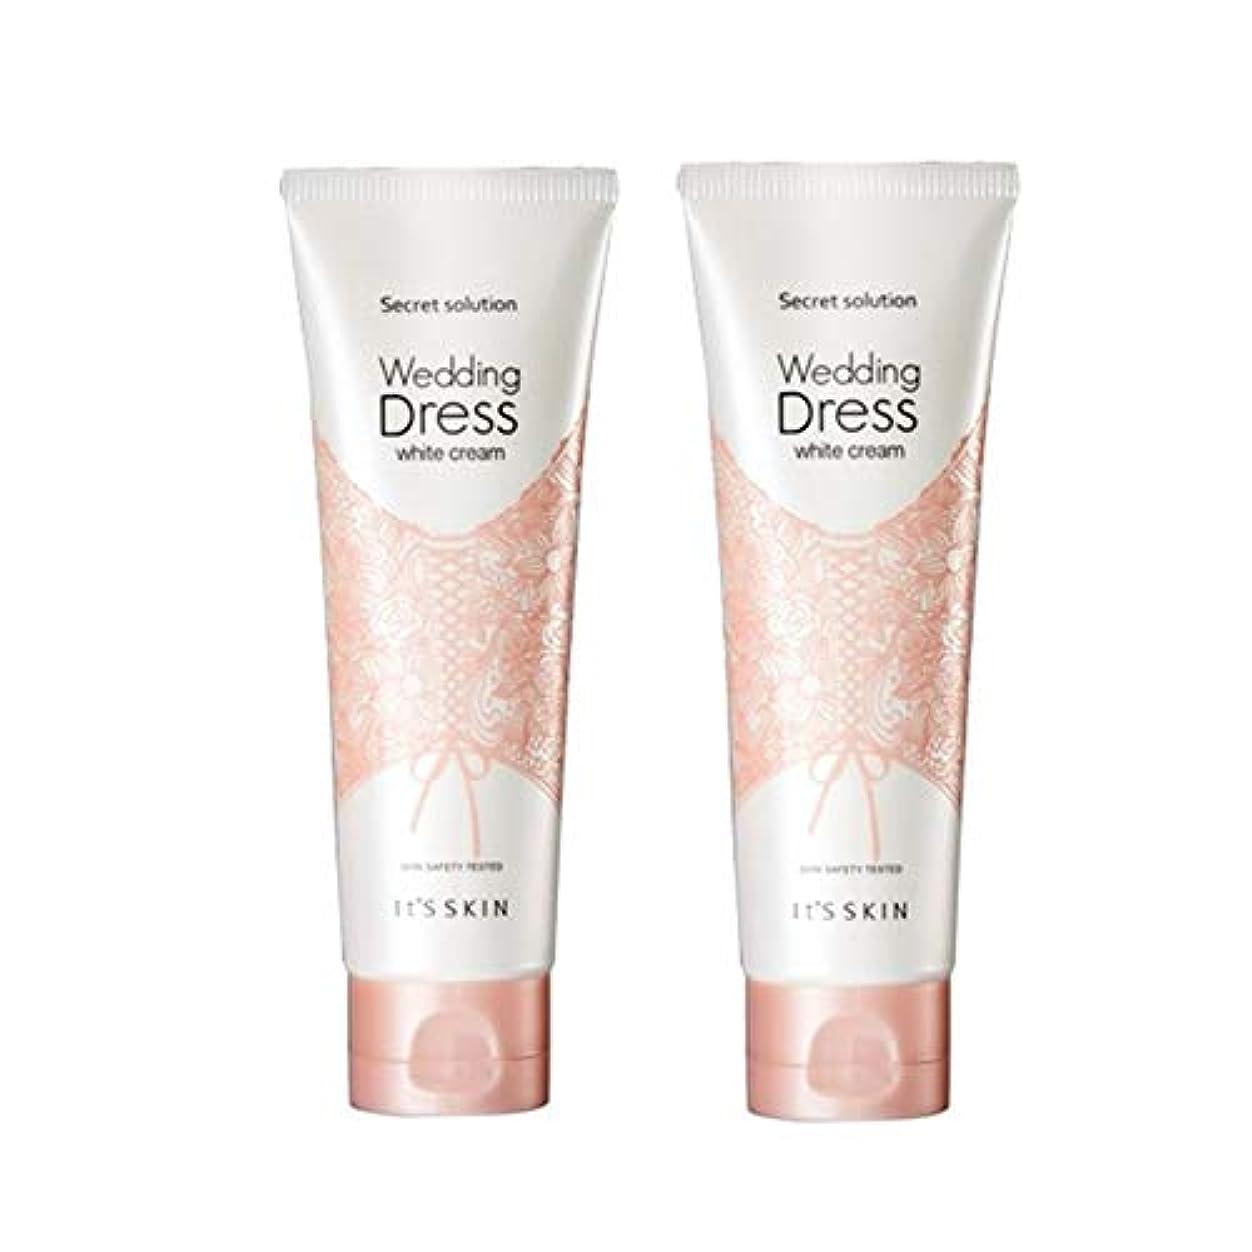 代わりにとても東方イッツスキンのシークレット?ソリューションウェディングドレス?ホワイトクリーム100mlx 2本セット、It's Skin Secret Solution Wedding Dress White Cream 100ml...